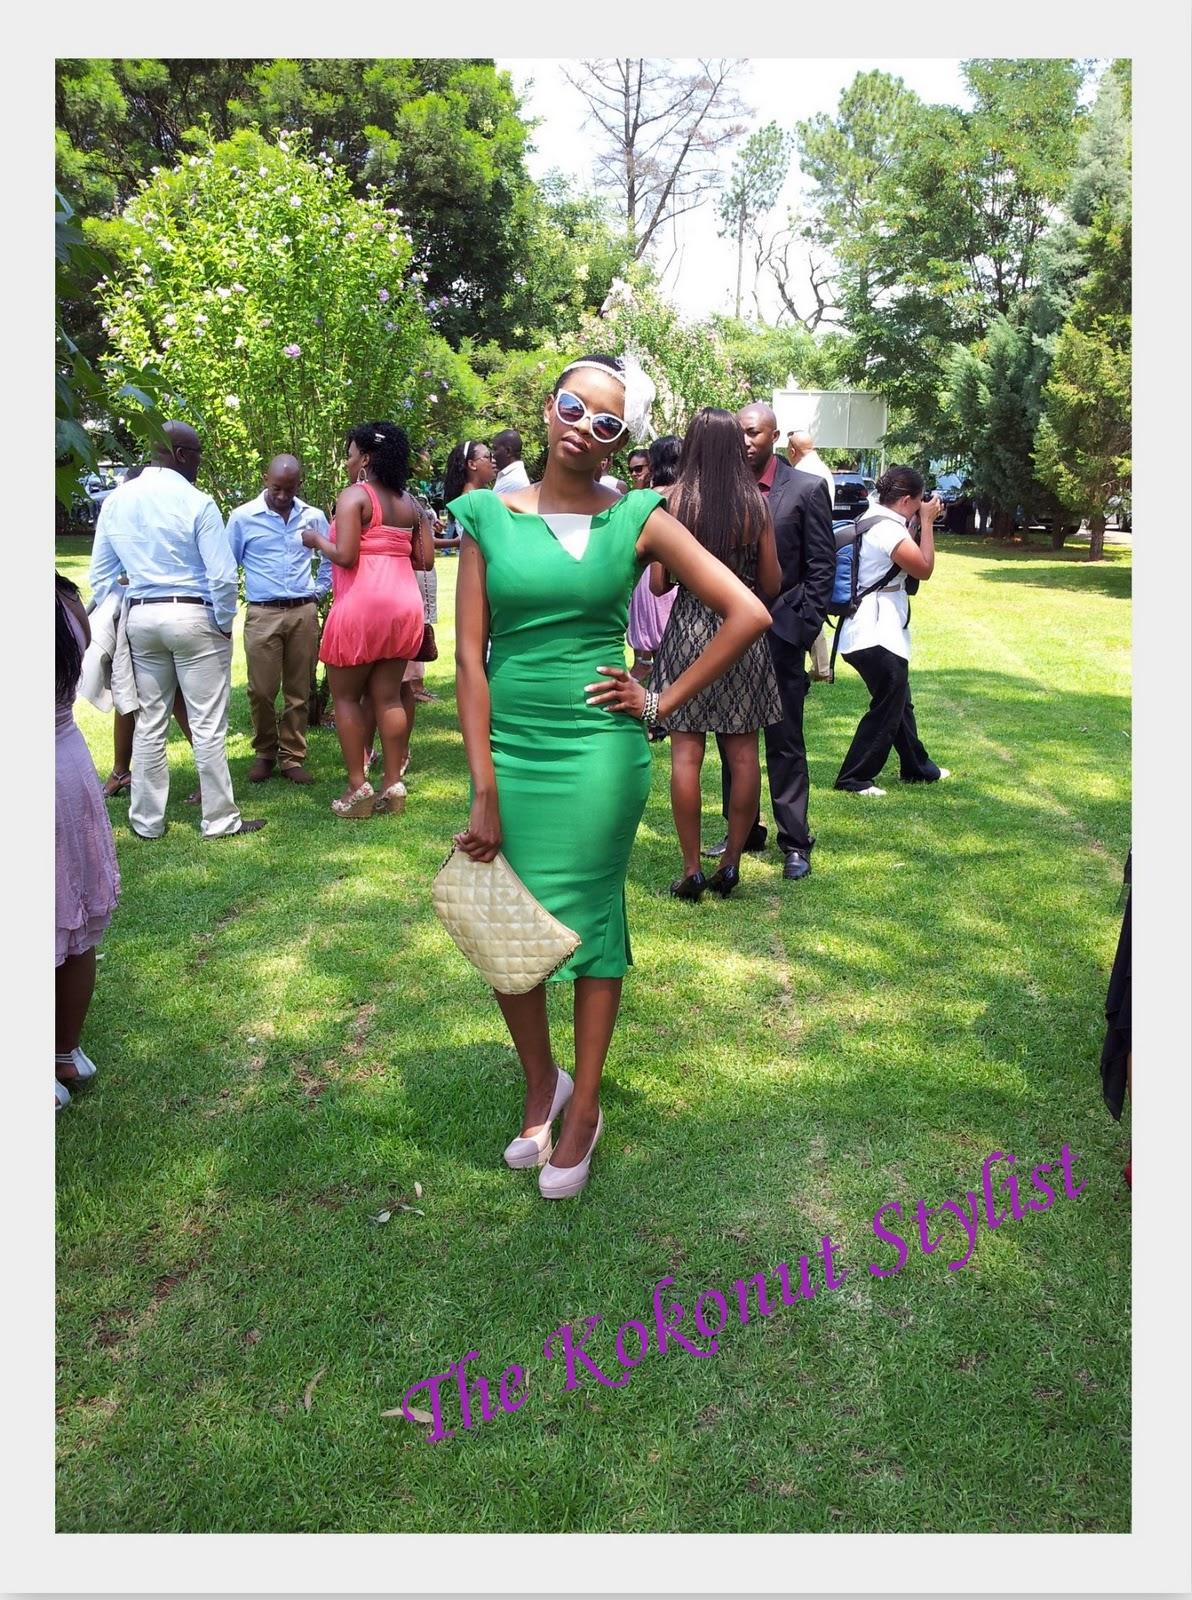 http://3.bp.blogspot.com/-XWzrMar3SWw/Tw8B29GA1kI/AAAAAAAABMk/5NR1c23IEyk/s1600/ks+liza+wedding2.jpg